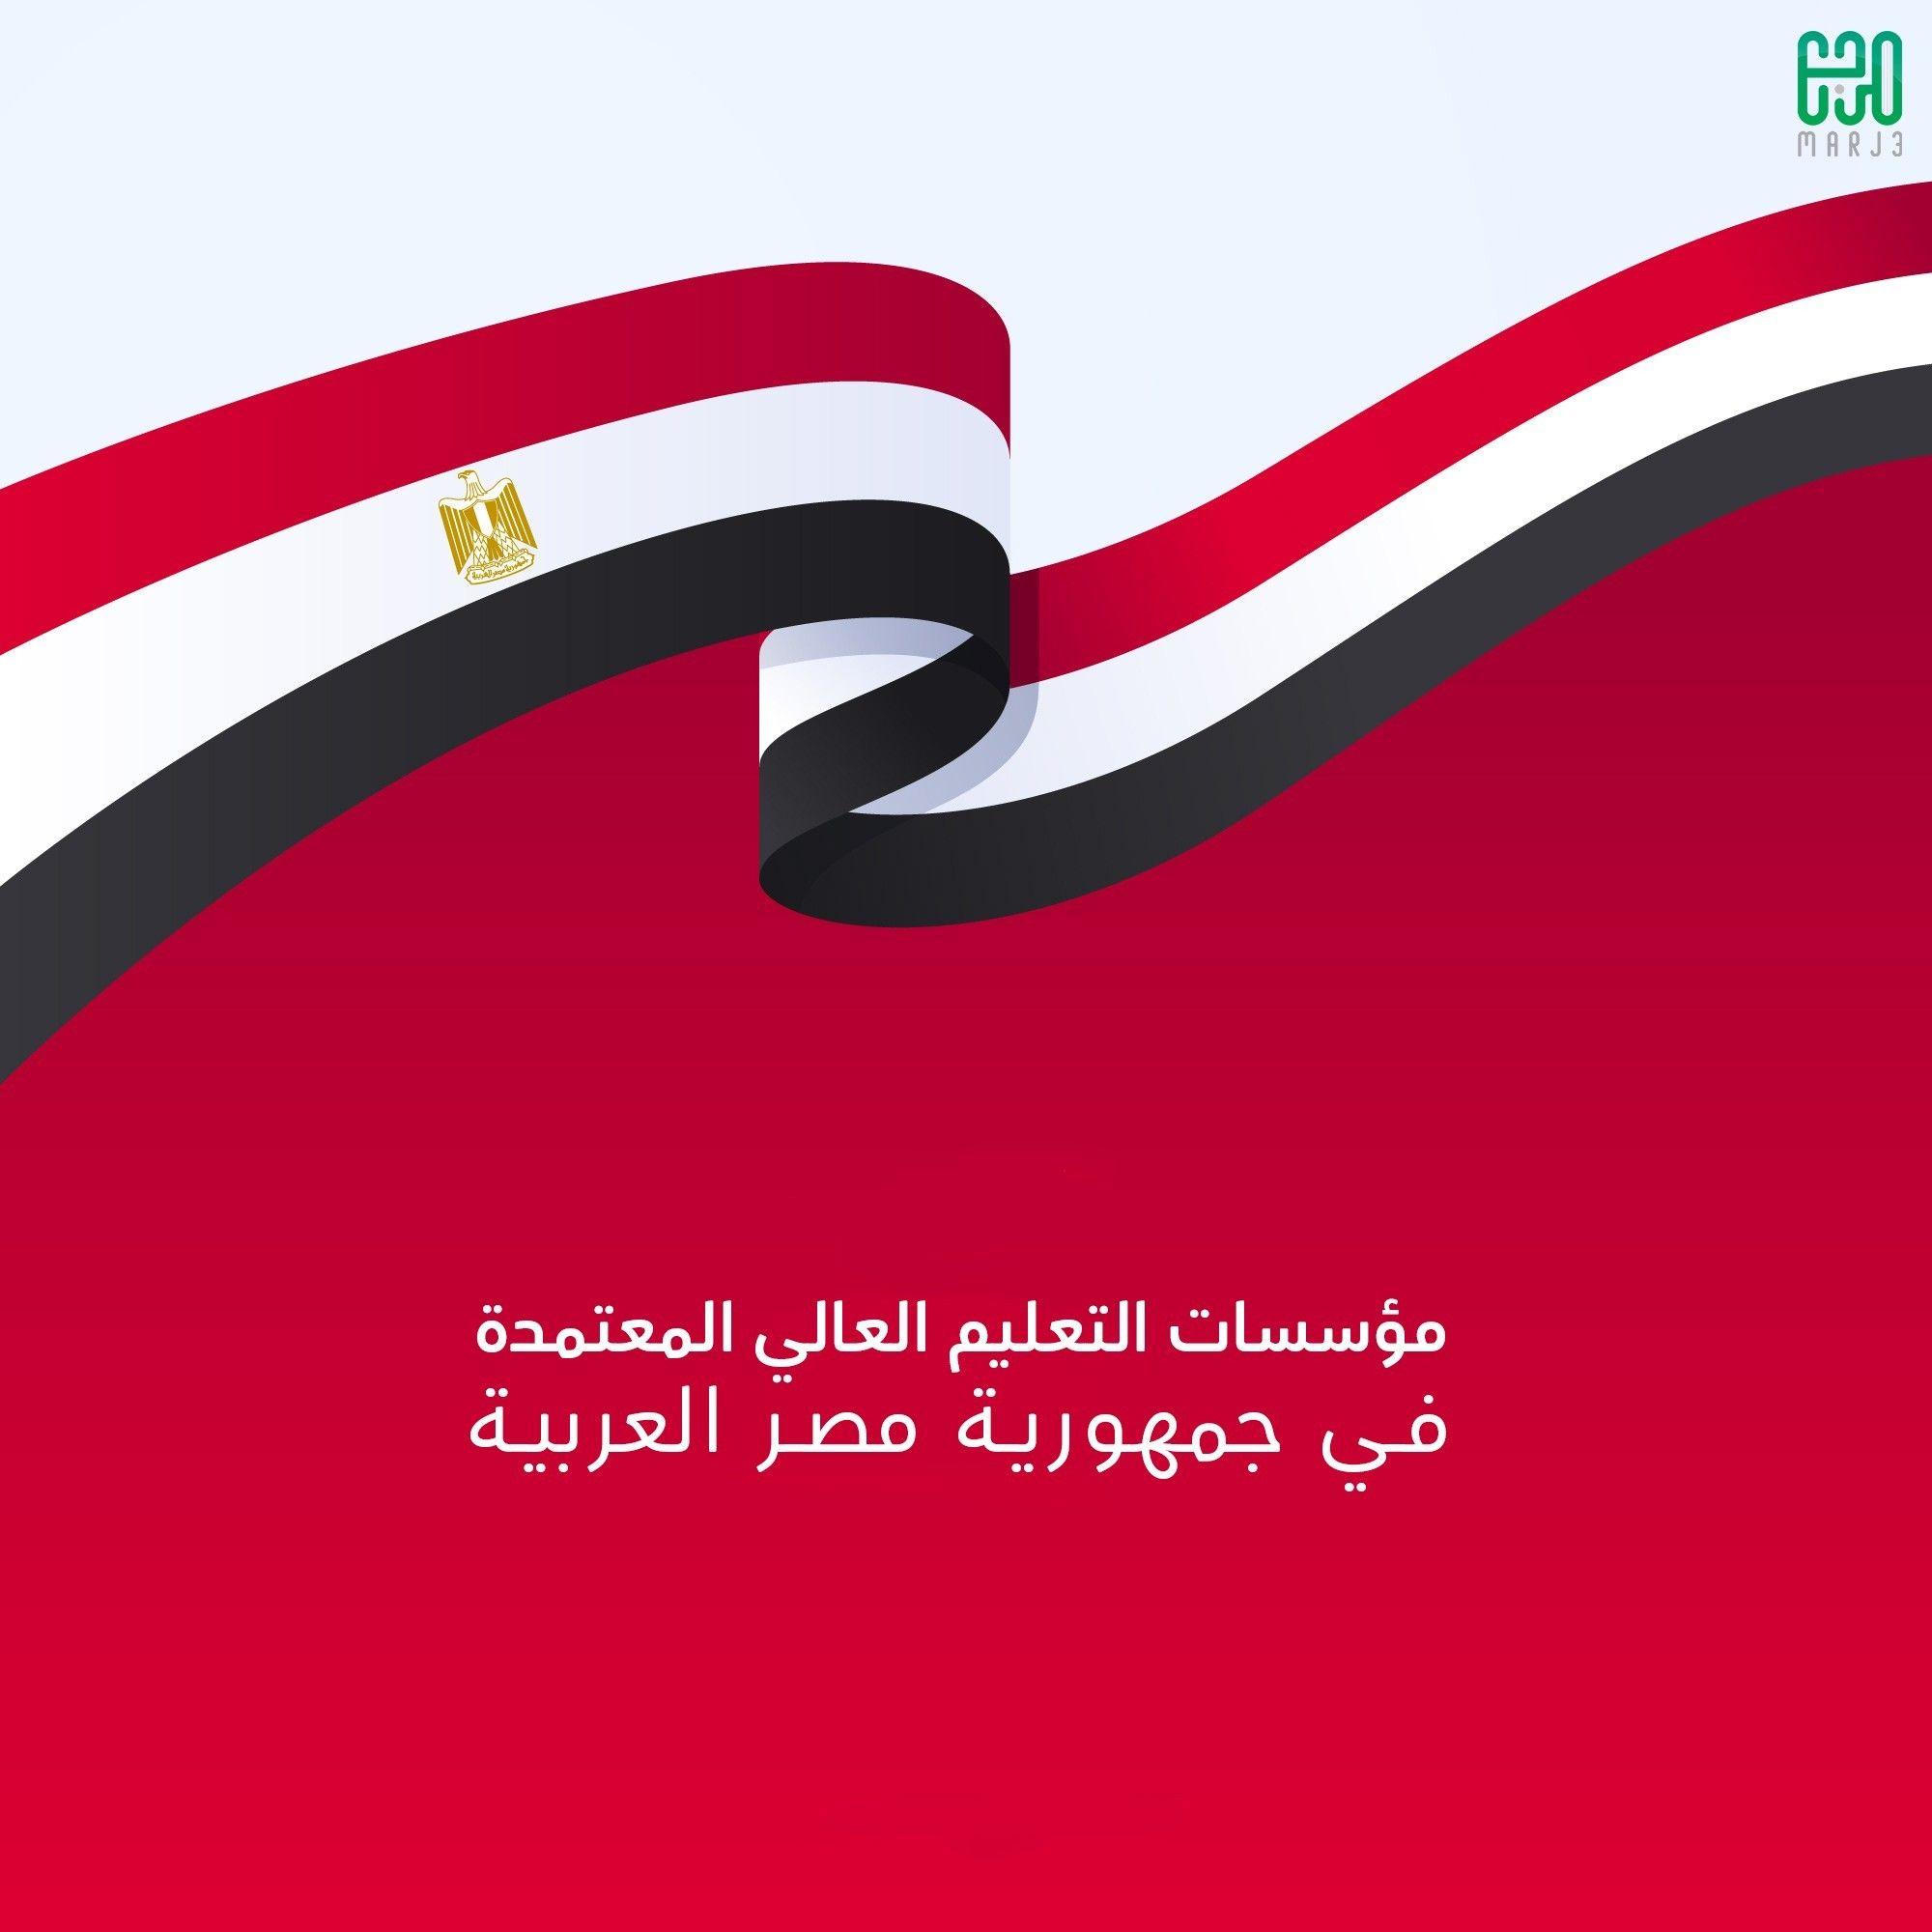 بيان من وزارة التعليم العالي بمؤسسات التعليم العالي المعتمدة في جمهورية مصر العربية Letters